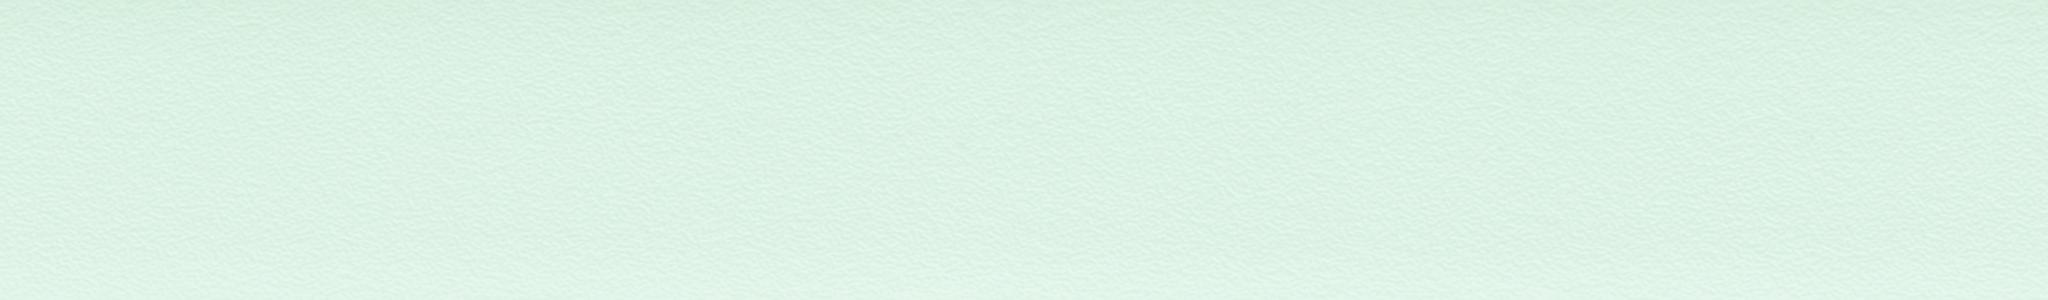 HU 161311 ABS-rand lichtgroen parel 101